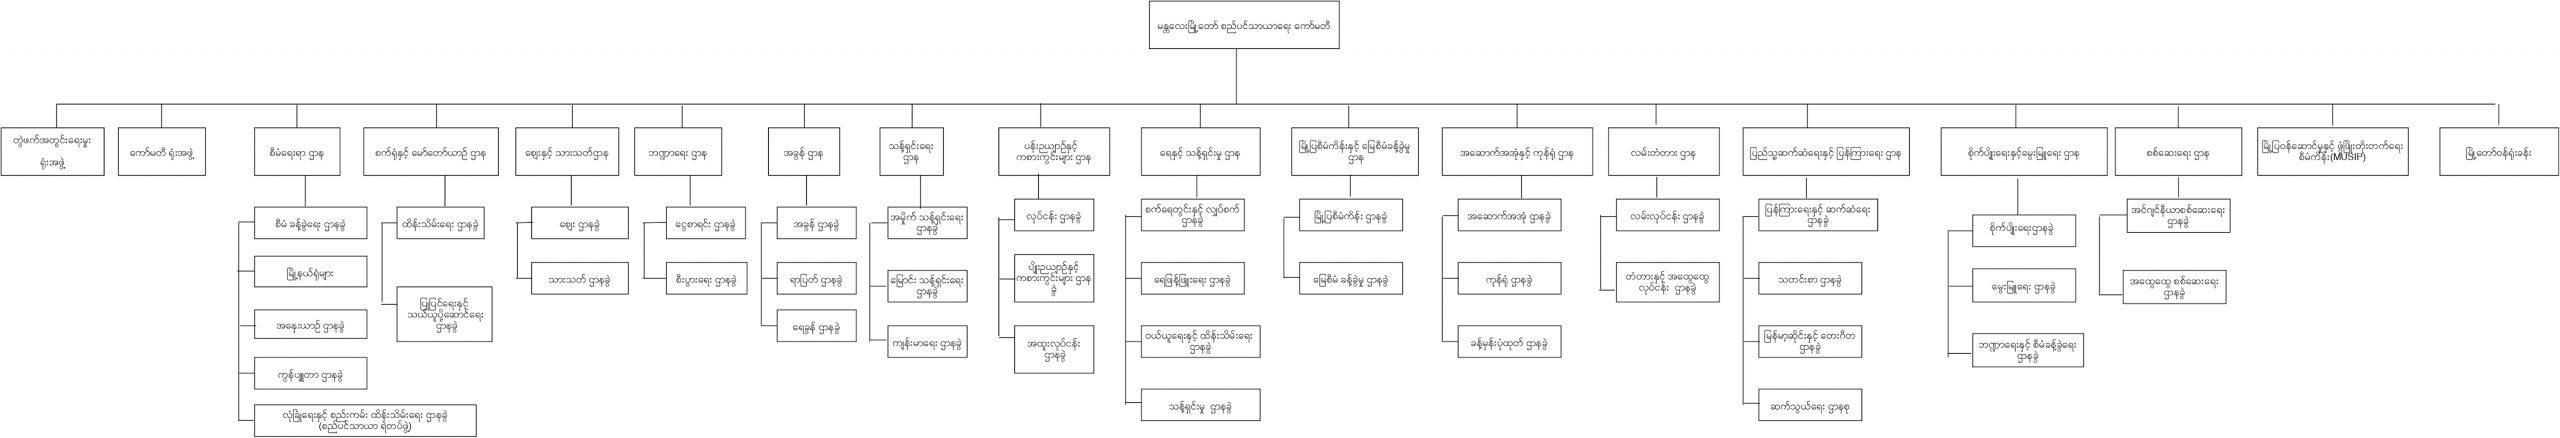 organization chart_page